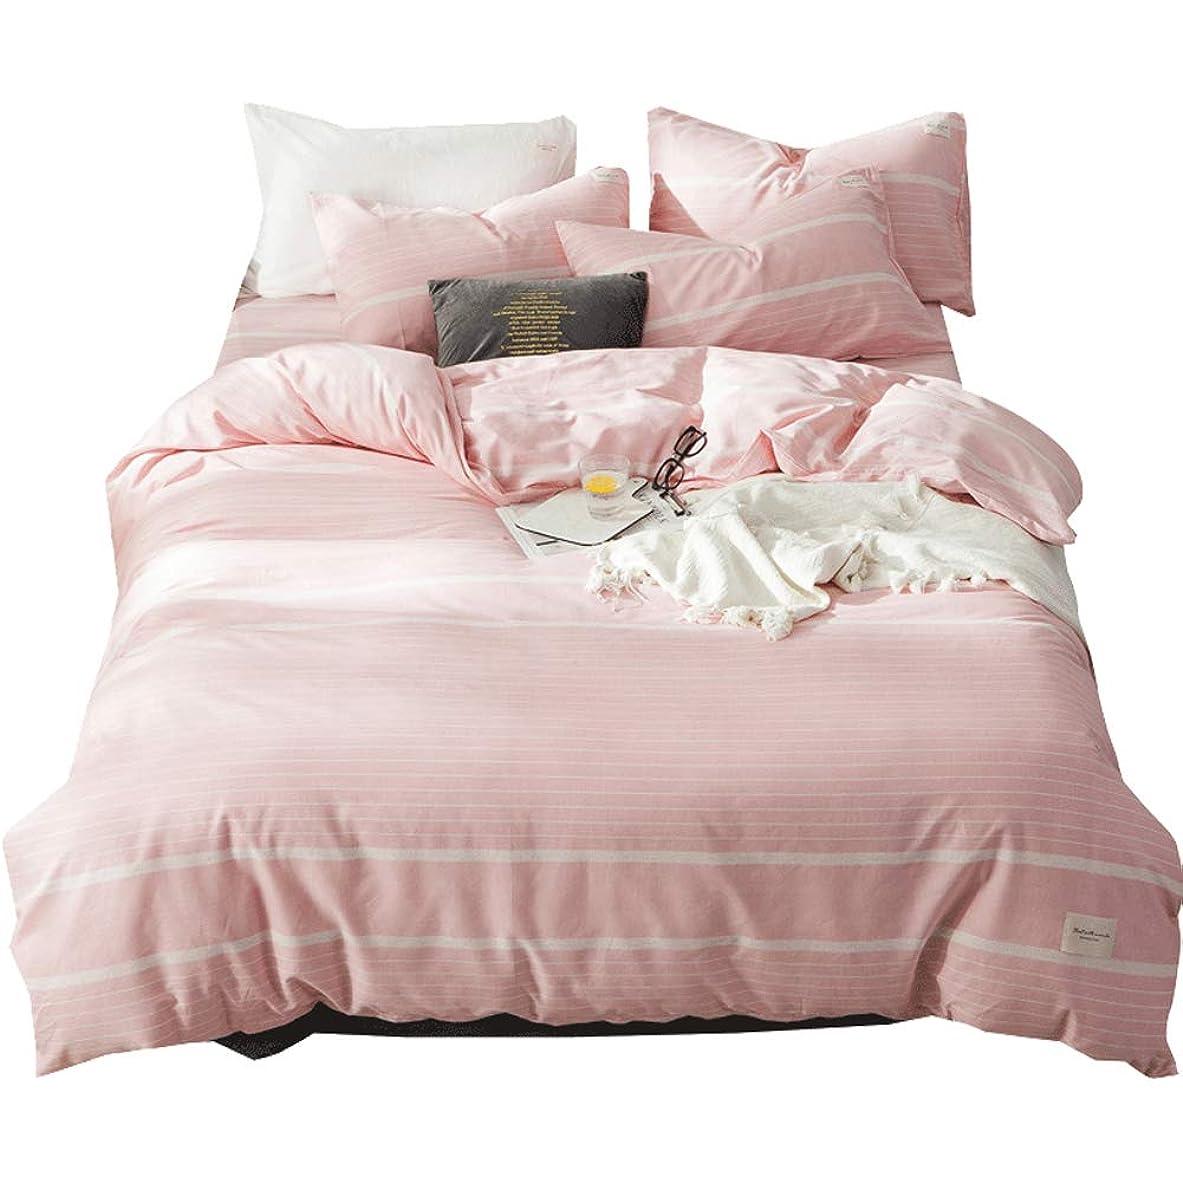 分類支出不公平綿 100% ストライプ 羽毛布団カバーセット,通気性 隠されたジッパーの閉鎖 寝具セット,ピンストライプ 快適です クイーン-ピンク フル